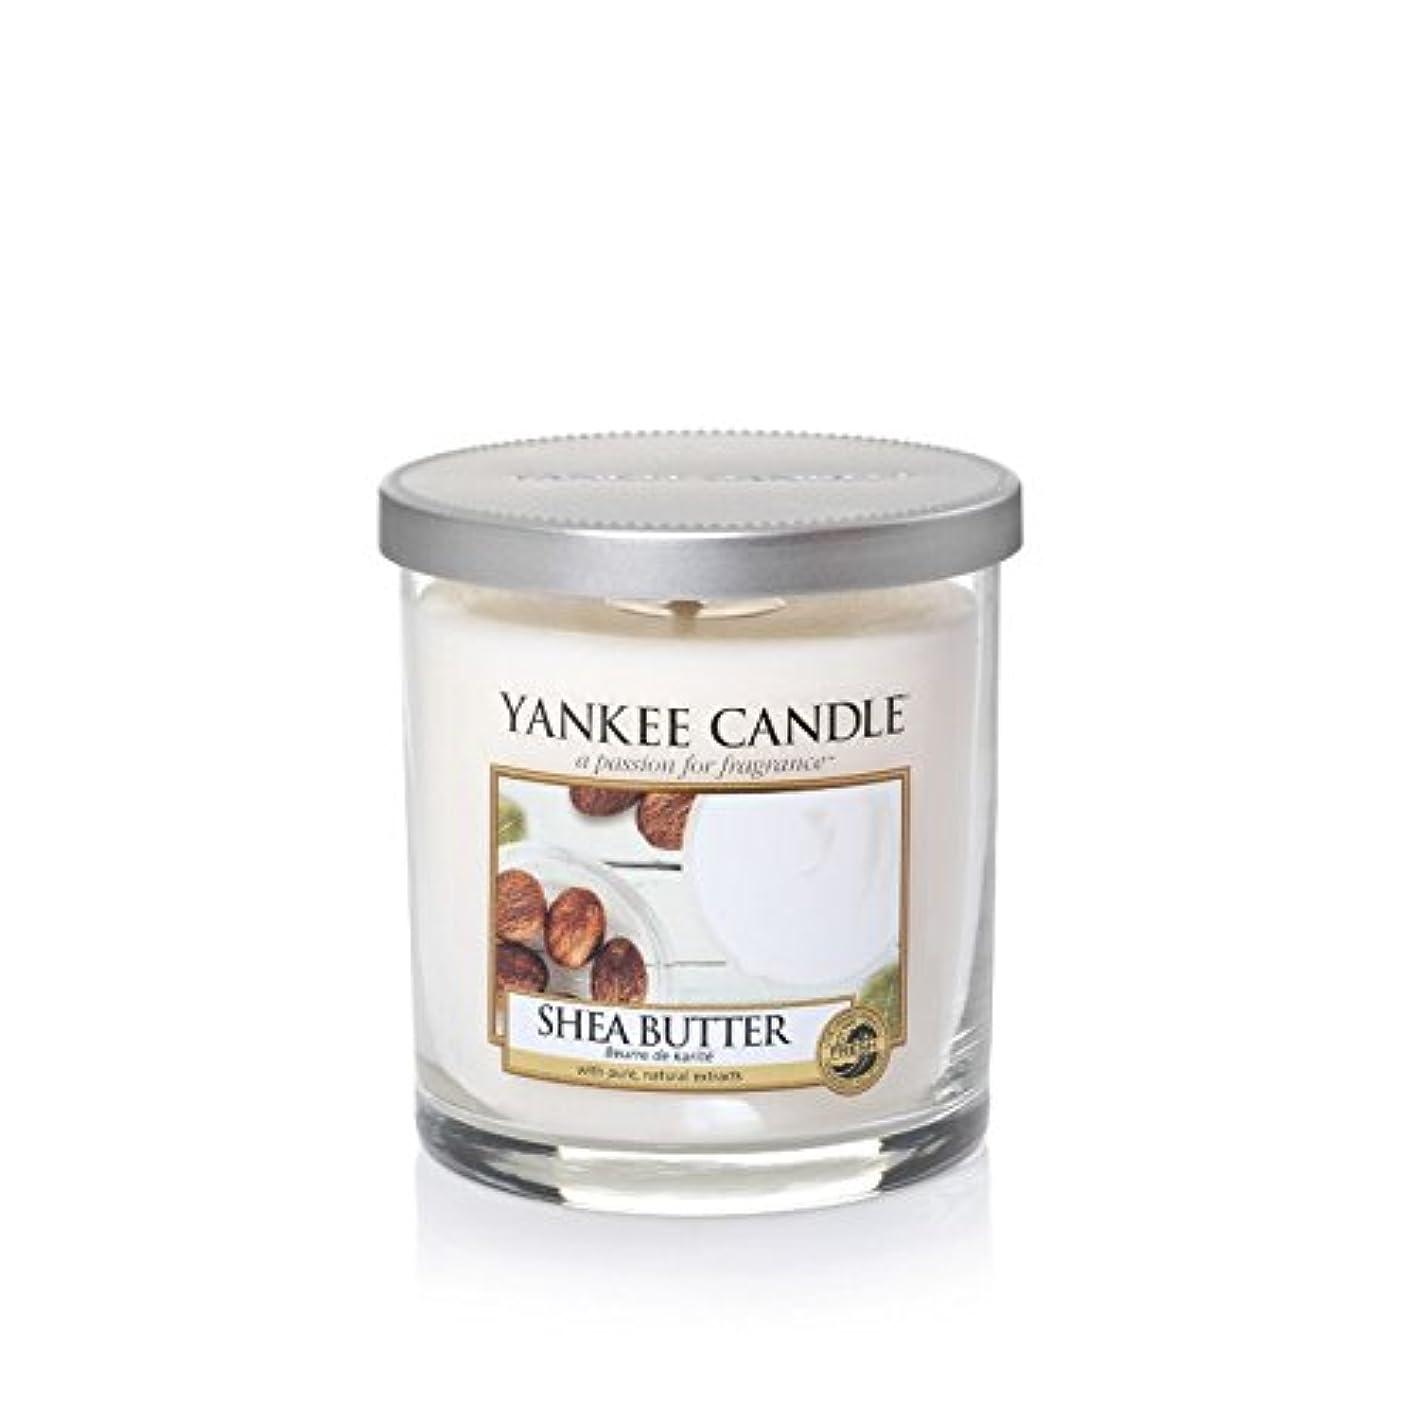 アフリカ人騒ぎ粘土Yankee Candles Small Pillar Candle - Shea Butter (Pack of 2) - ヤンキーキャンドルの小さな柱キャンドル - シアバター (x2) [並行輸入品]